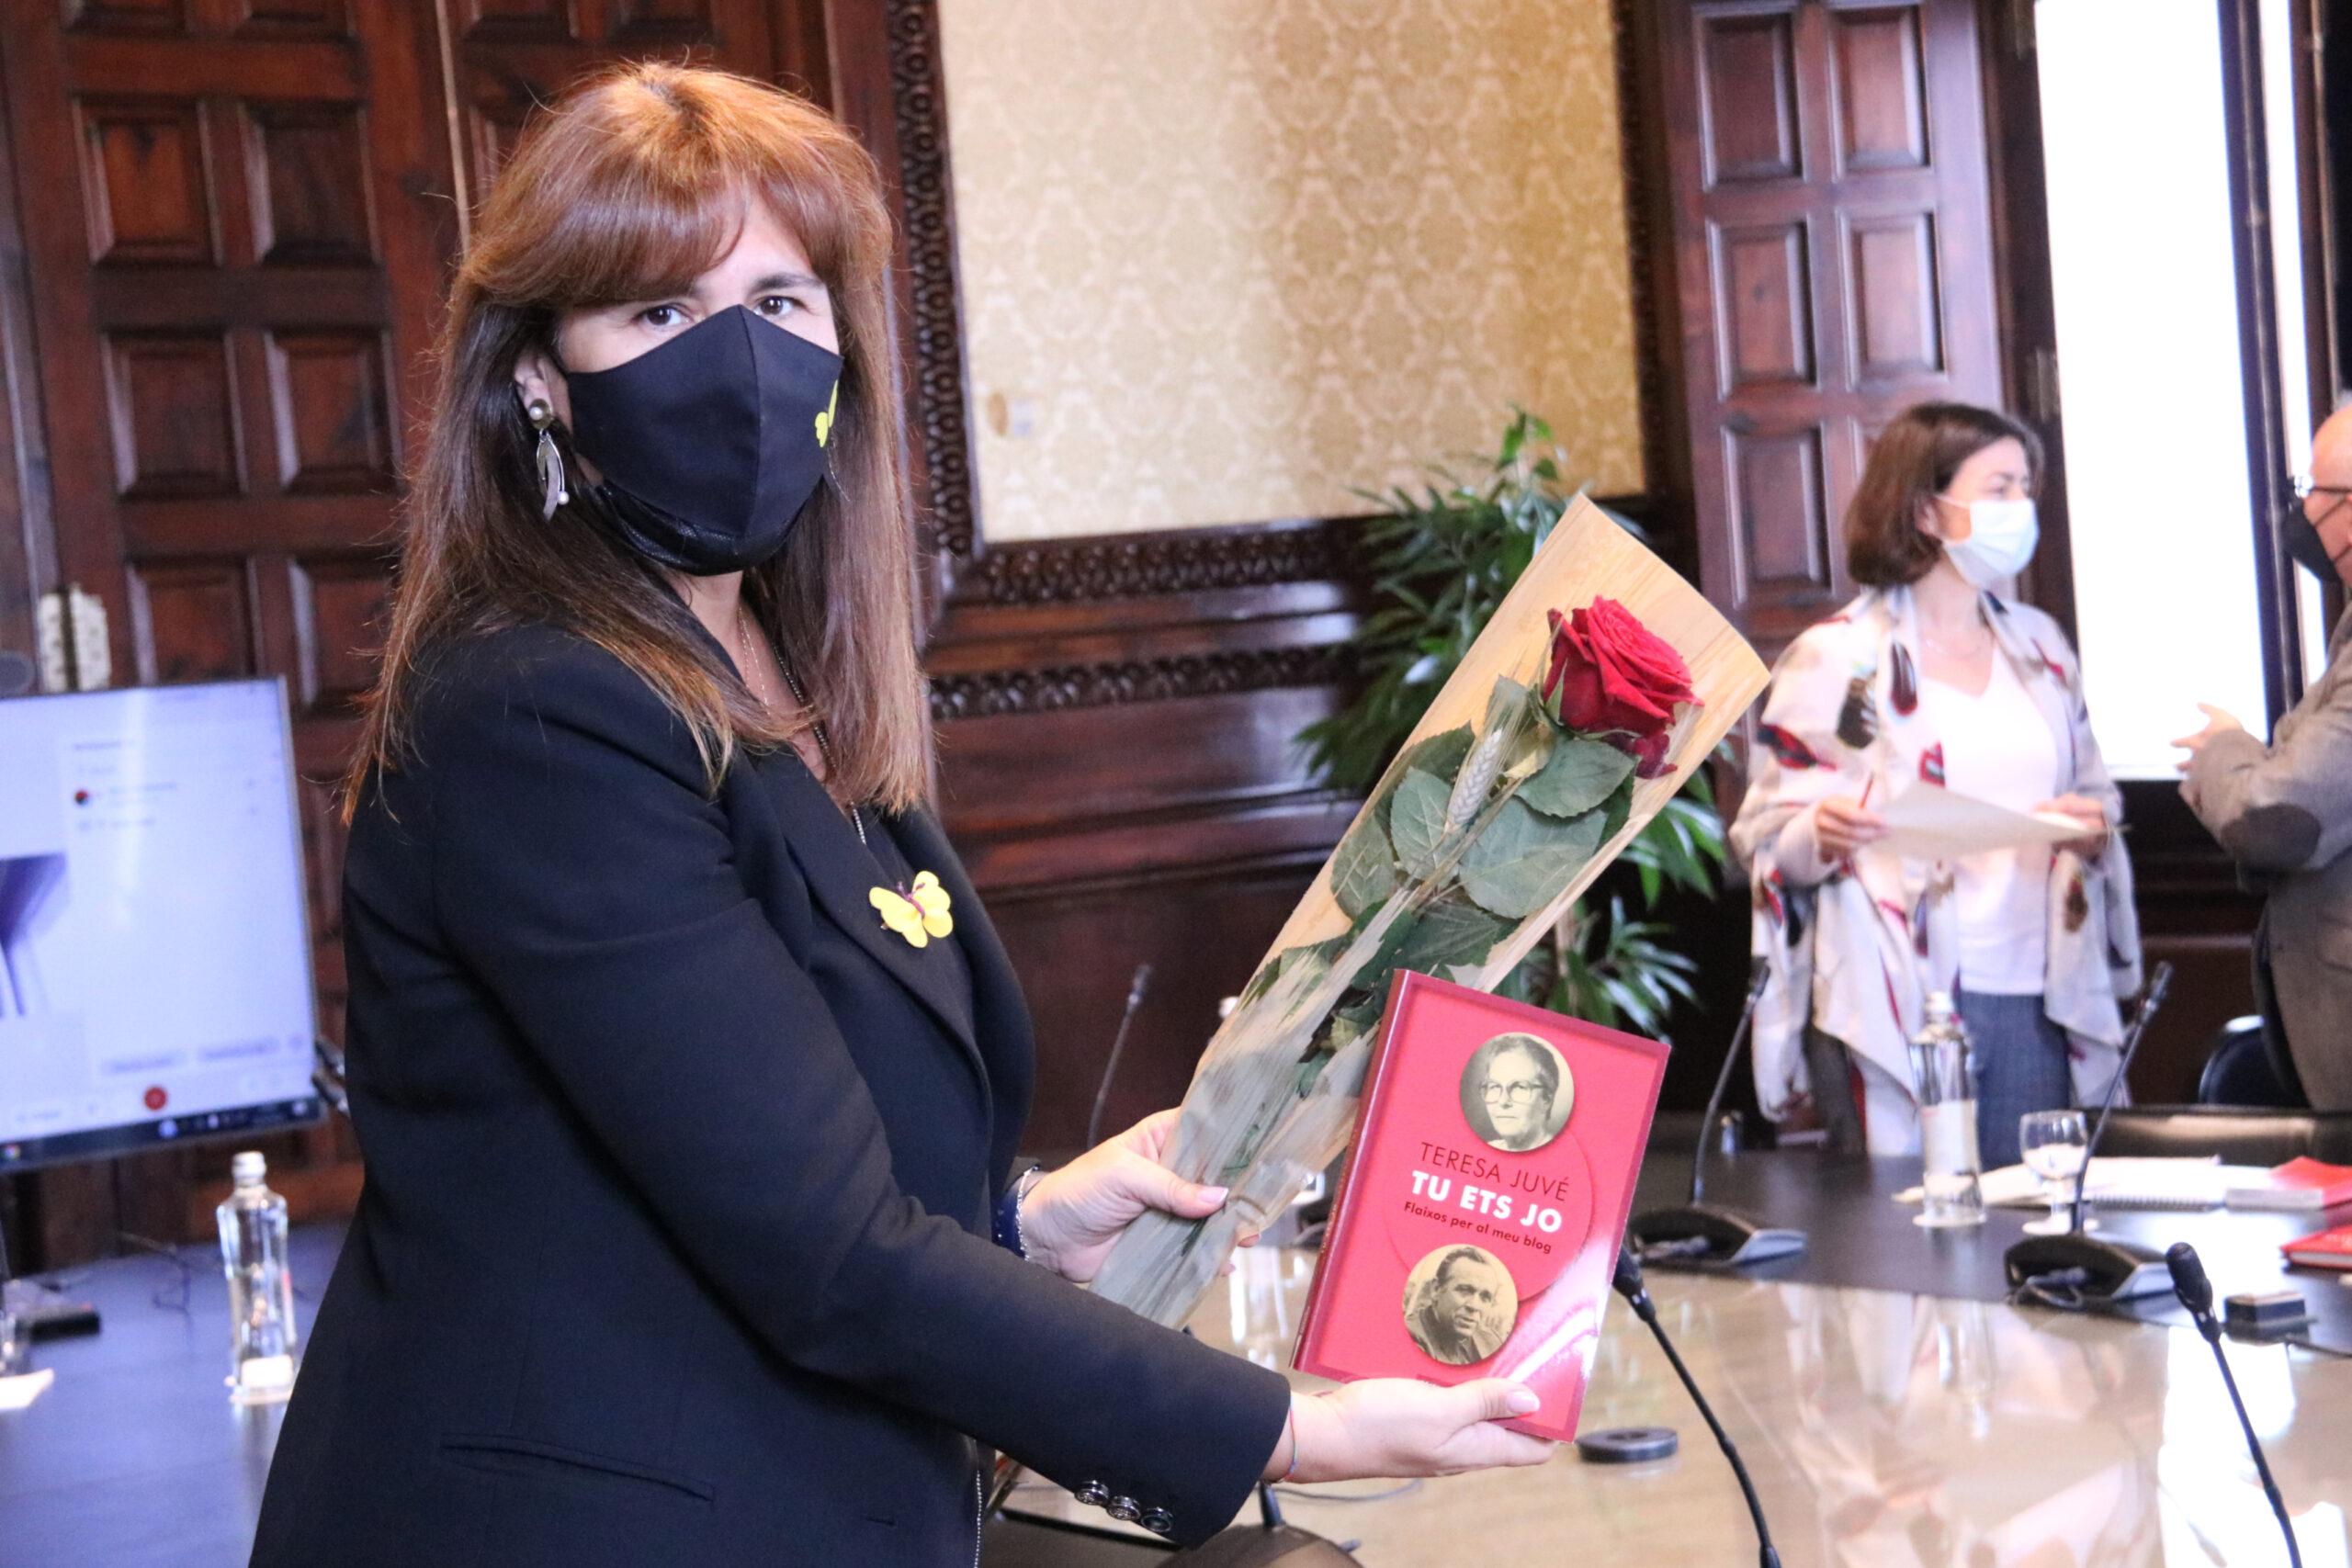 La presidenta del Parlament, Laura Borràs, ensenya una rosa i el llibre 'Tu ets jo'   ACN